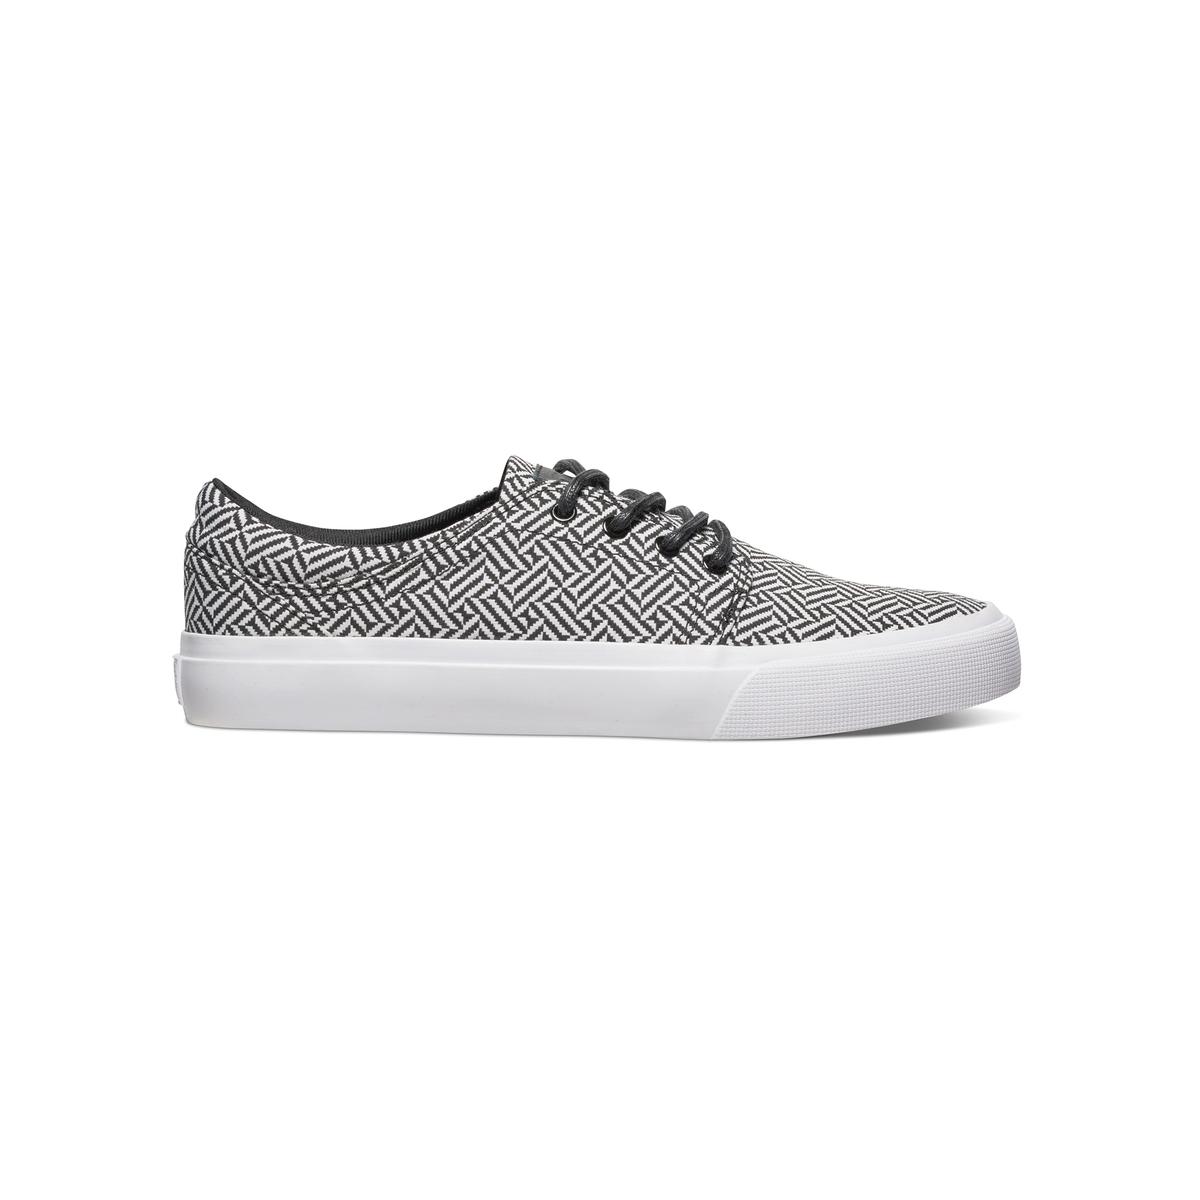 Кеды низкие DC SHOES TRASE SE M SHOE XSKWКеды низкие на шнуровке, TRASE SE M SHOE XSKW от DC SHOES.Верх: текстильПодкладка: текстильСтелька: текстиль Подошва : каучук Застежка : шнуровкаМарка DC Shoes, появившаяся в 1994 году,  позиционирует себя, как королева скольжения и создает стильные и технологичные коллекции для скейтборда, серфинга, сноуборда и даже для велосипедного мотокросса, мотоспорта и экстремальных видов спорта. В своих коллекциях она предлагает модную городскую обувь, невероятно легкую и как всегда с калифорнийским колоритом! Дополнительное преимущество для этой модели Trase : В модели используется прекрасная ткань и износоустойчивая подошва.<br><br>Цвет: черный/ белый<br>Размер: 41